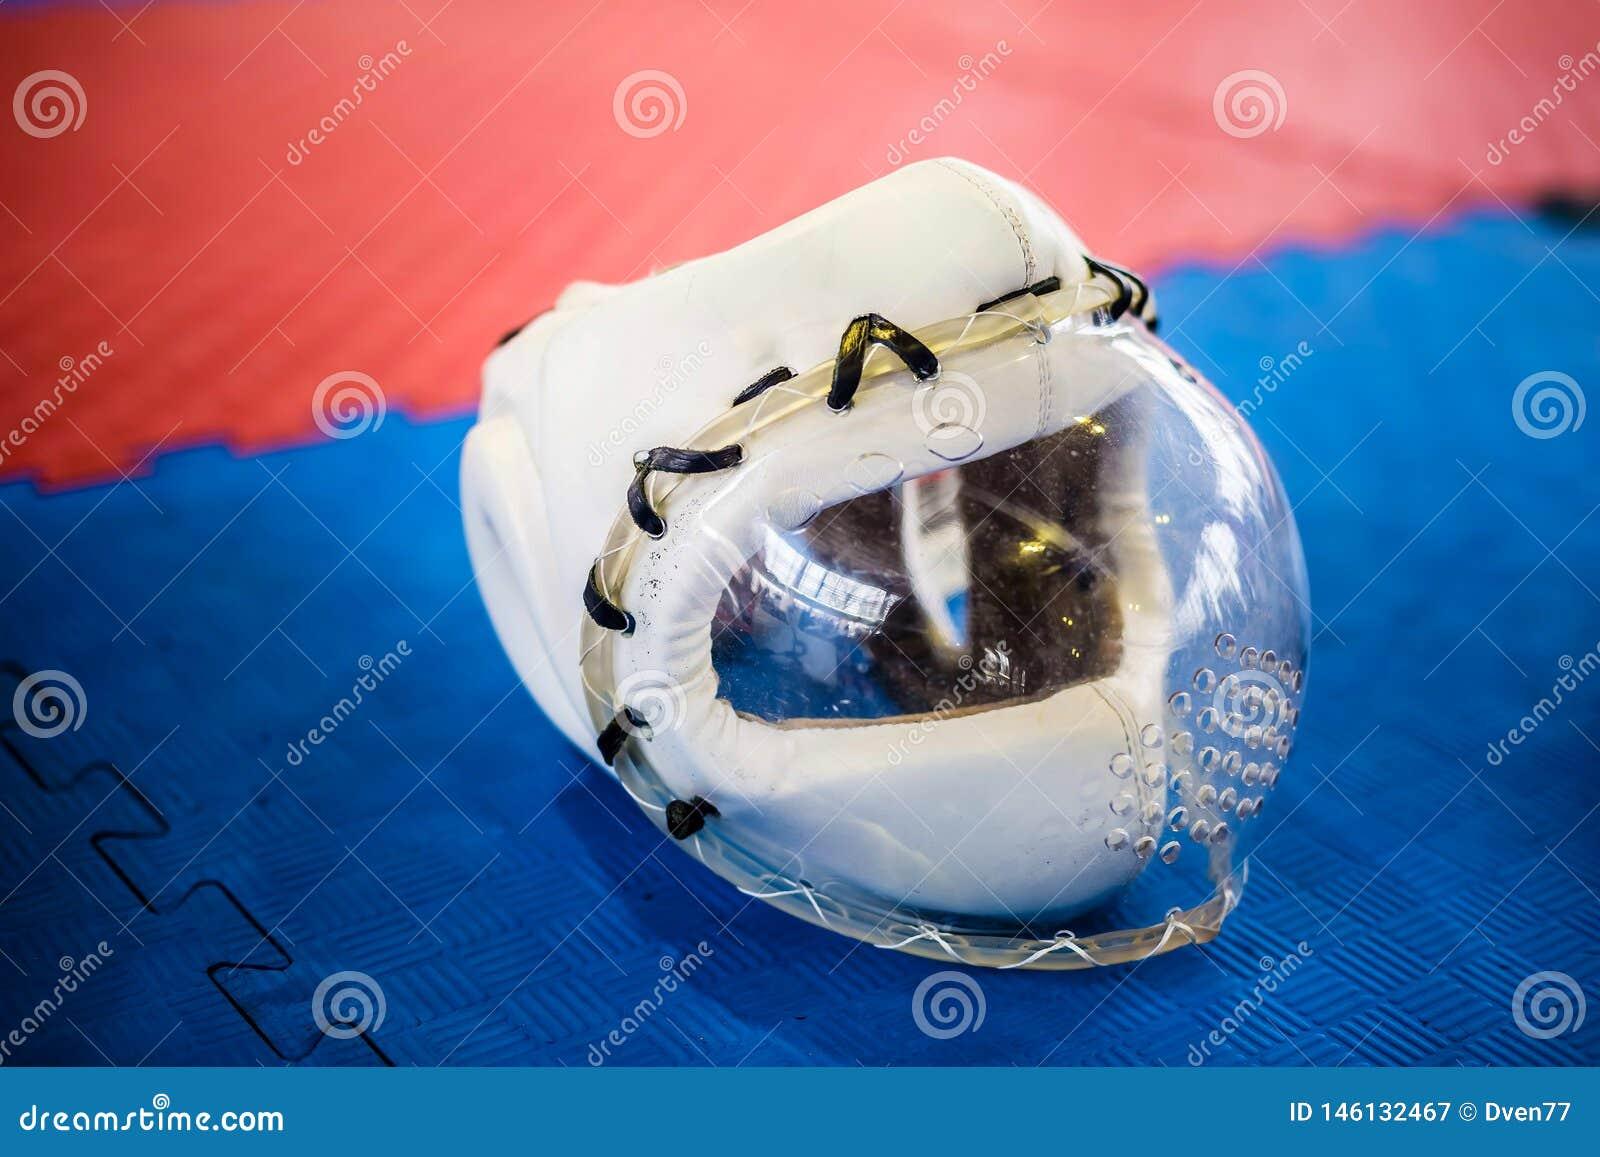 Casques de protection blancs avec le masque plactic clair pour des arts martiaux sur le plancher bleu rouge